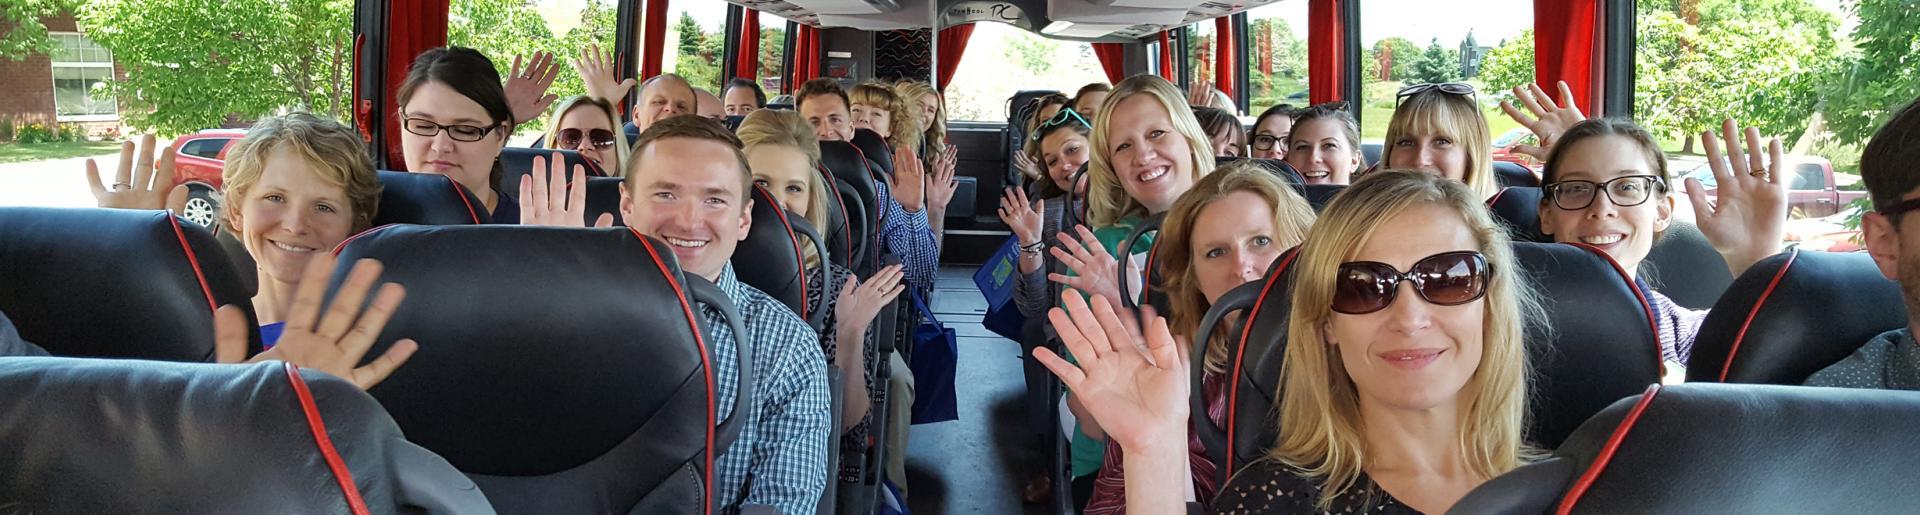 Partner Bus Ride